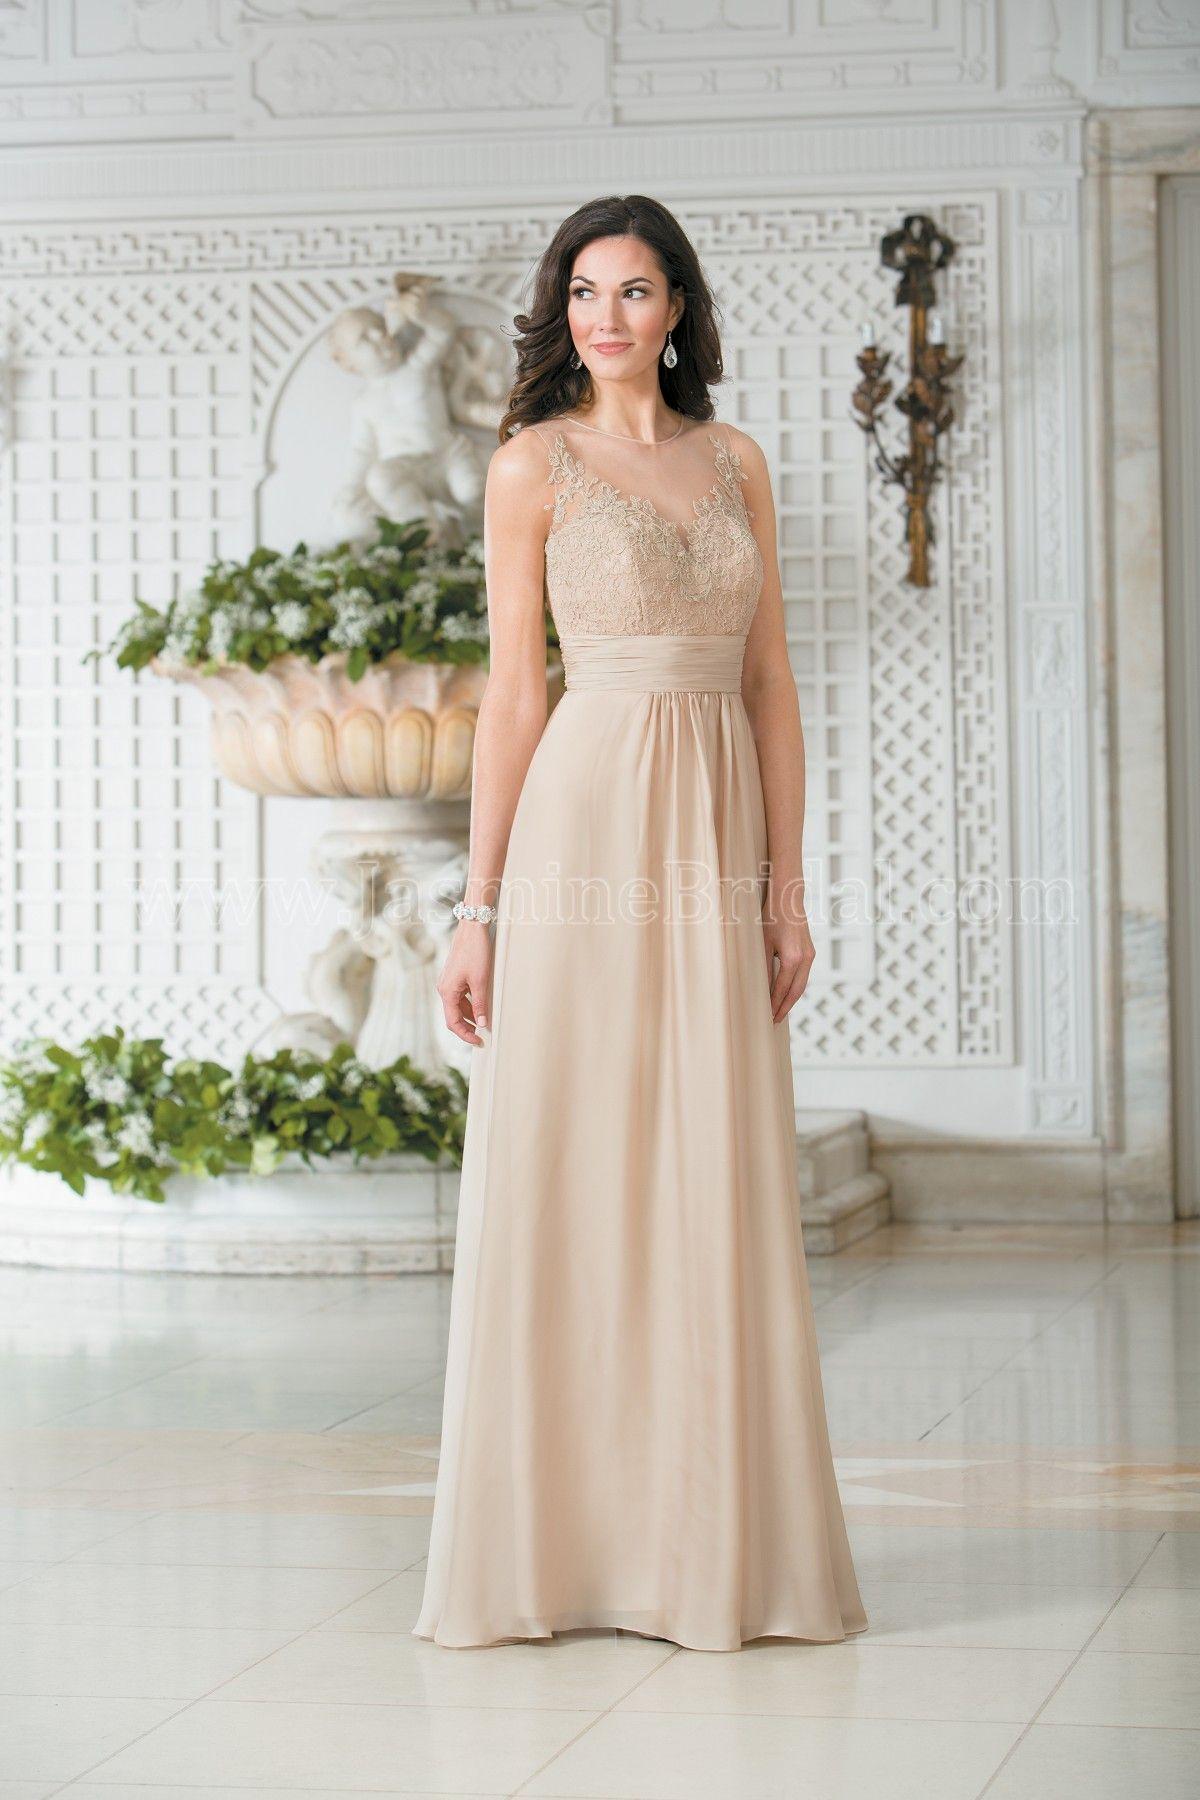 Jasmine Bridal Bridesmaid Dress Belsoie Style L174005 in Sandstone ...